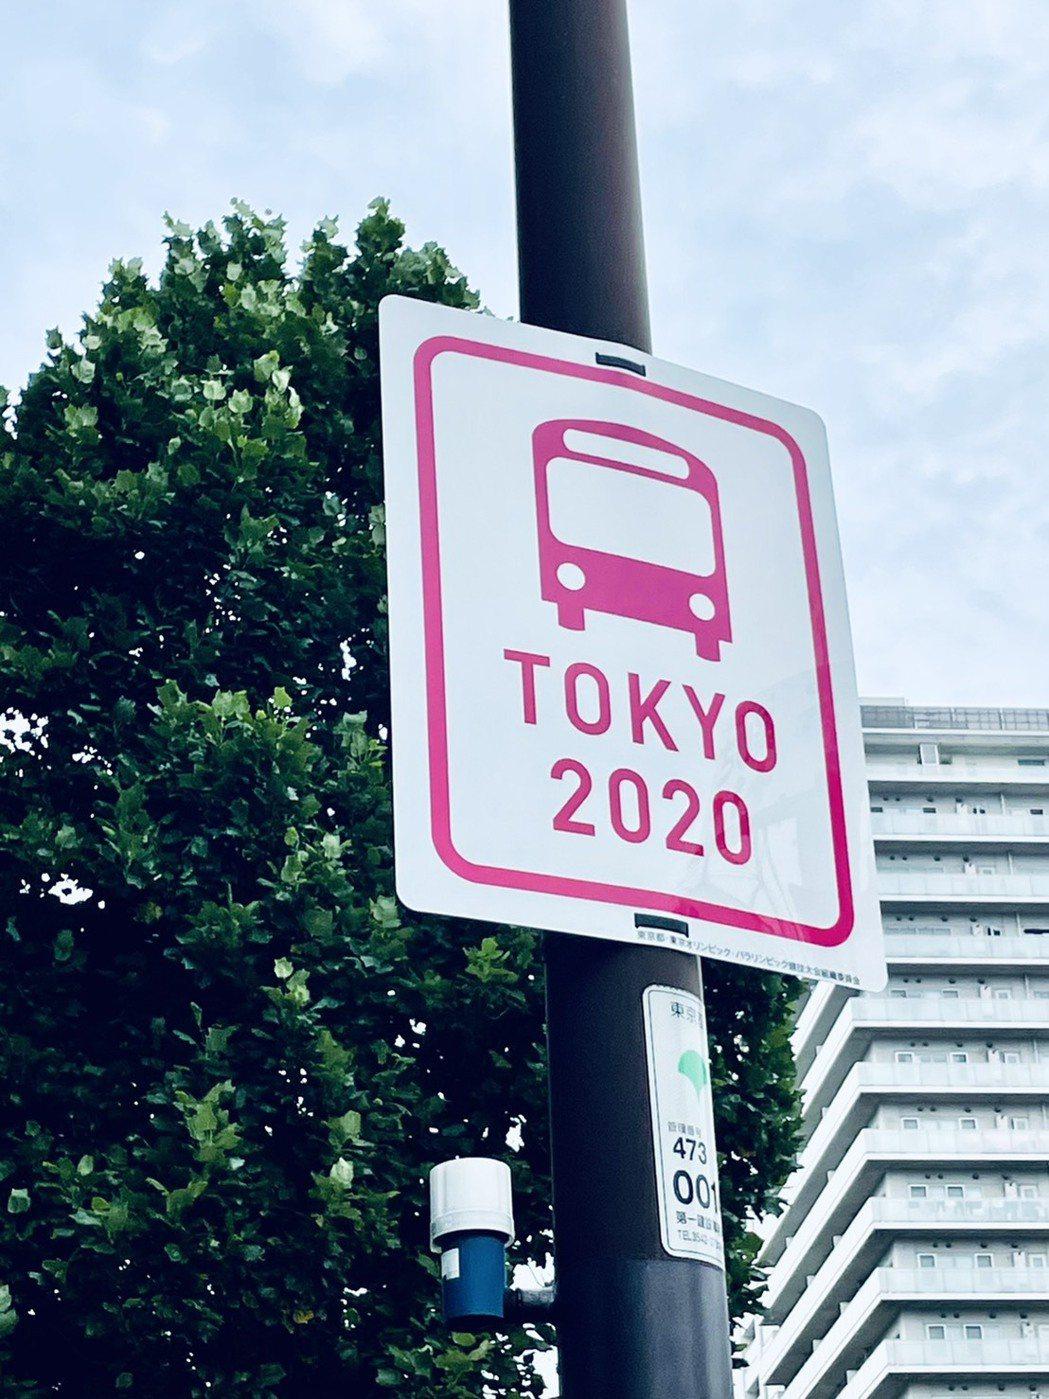 東京新增的路標,白底配上粉紅色畫了一台巴士,寫著「TOKYO 2020」。圖/張...